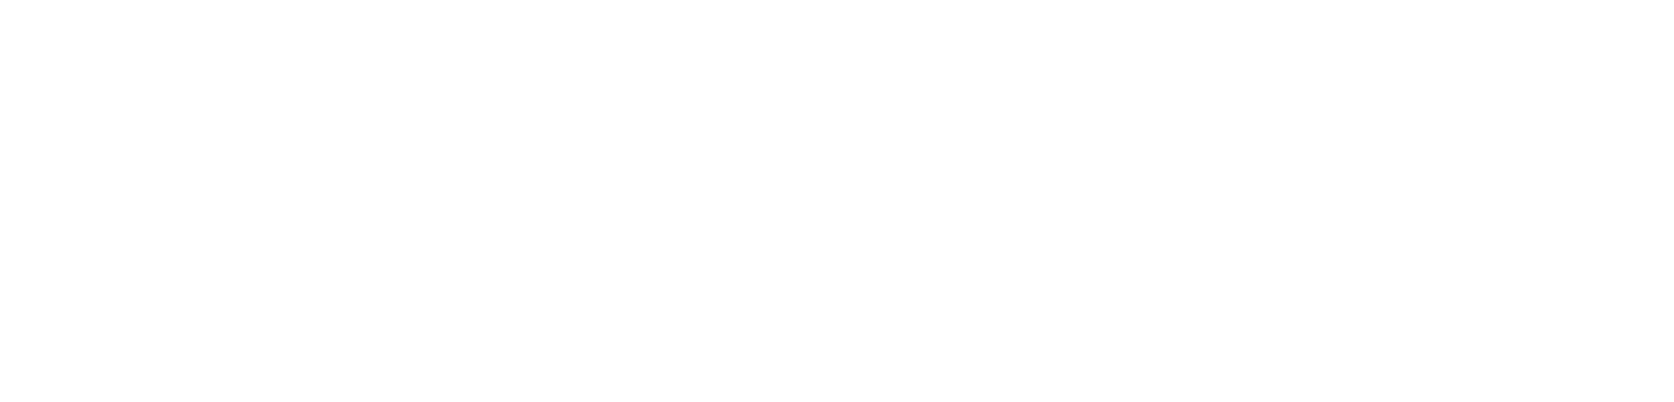 logo-conforme.png